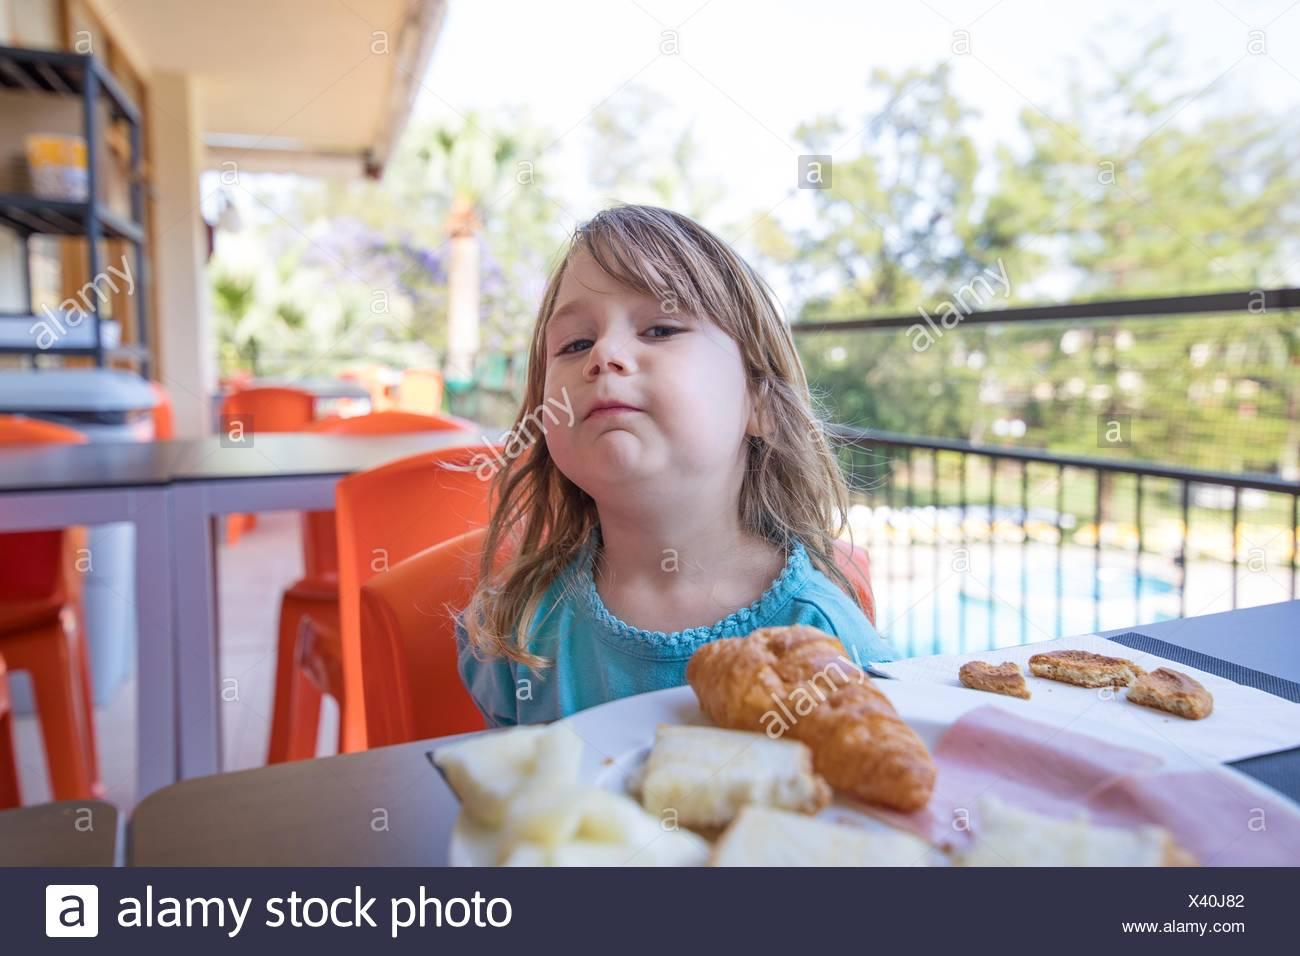 Portrait von Blond kaukasier Kind drei Jahre alt mit blauen Shirt, beim Frühstück, auf der Suche mit herausfordernden lustiges Gesicht, mit Essen auf Teller, im Sitzen Stockbild